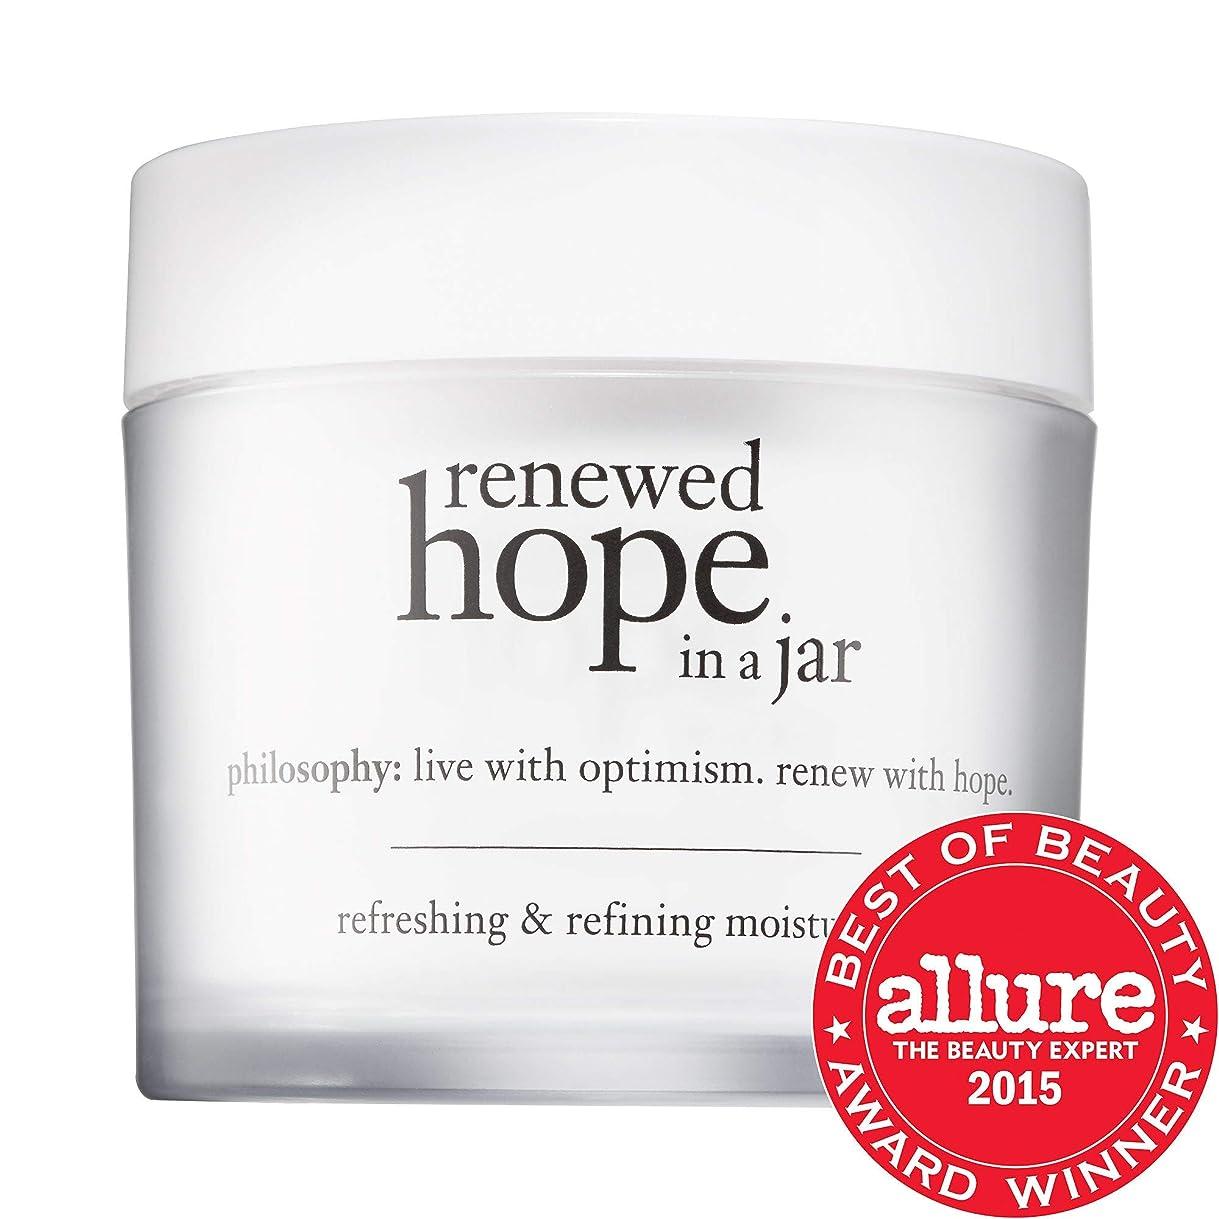 [(哲学) PHILOSOPHY] [爽やかで洗練された保湿剤を瓶にリニューアルしました Renewed Hope in A Jar Refreshing & Refining Moisturizer] (並行輸入品) [並行輸入品]